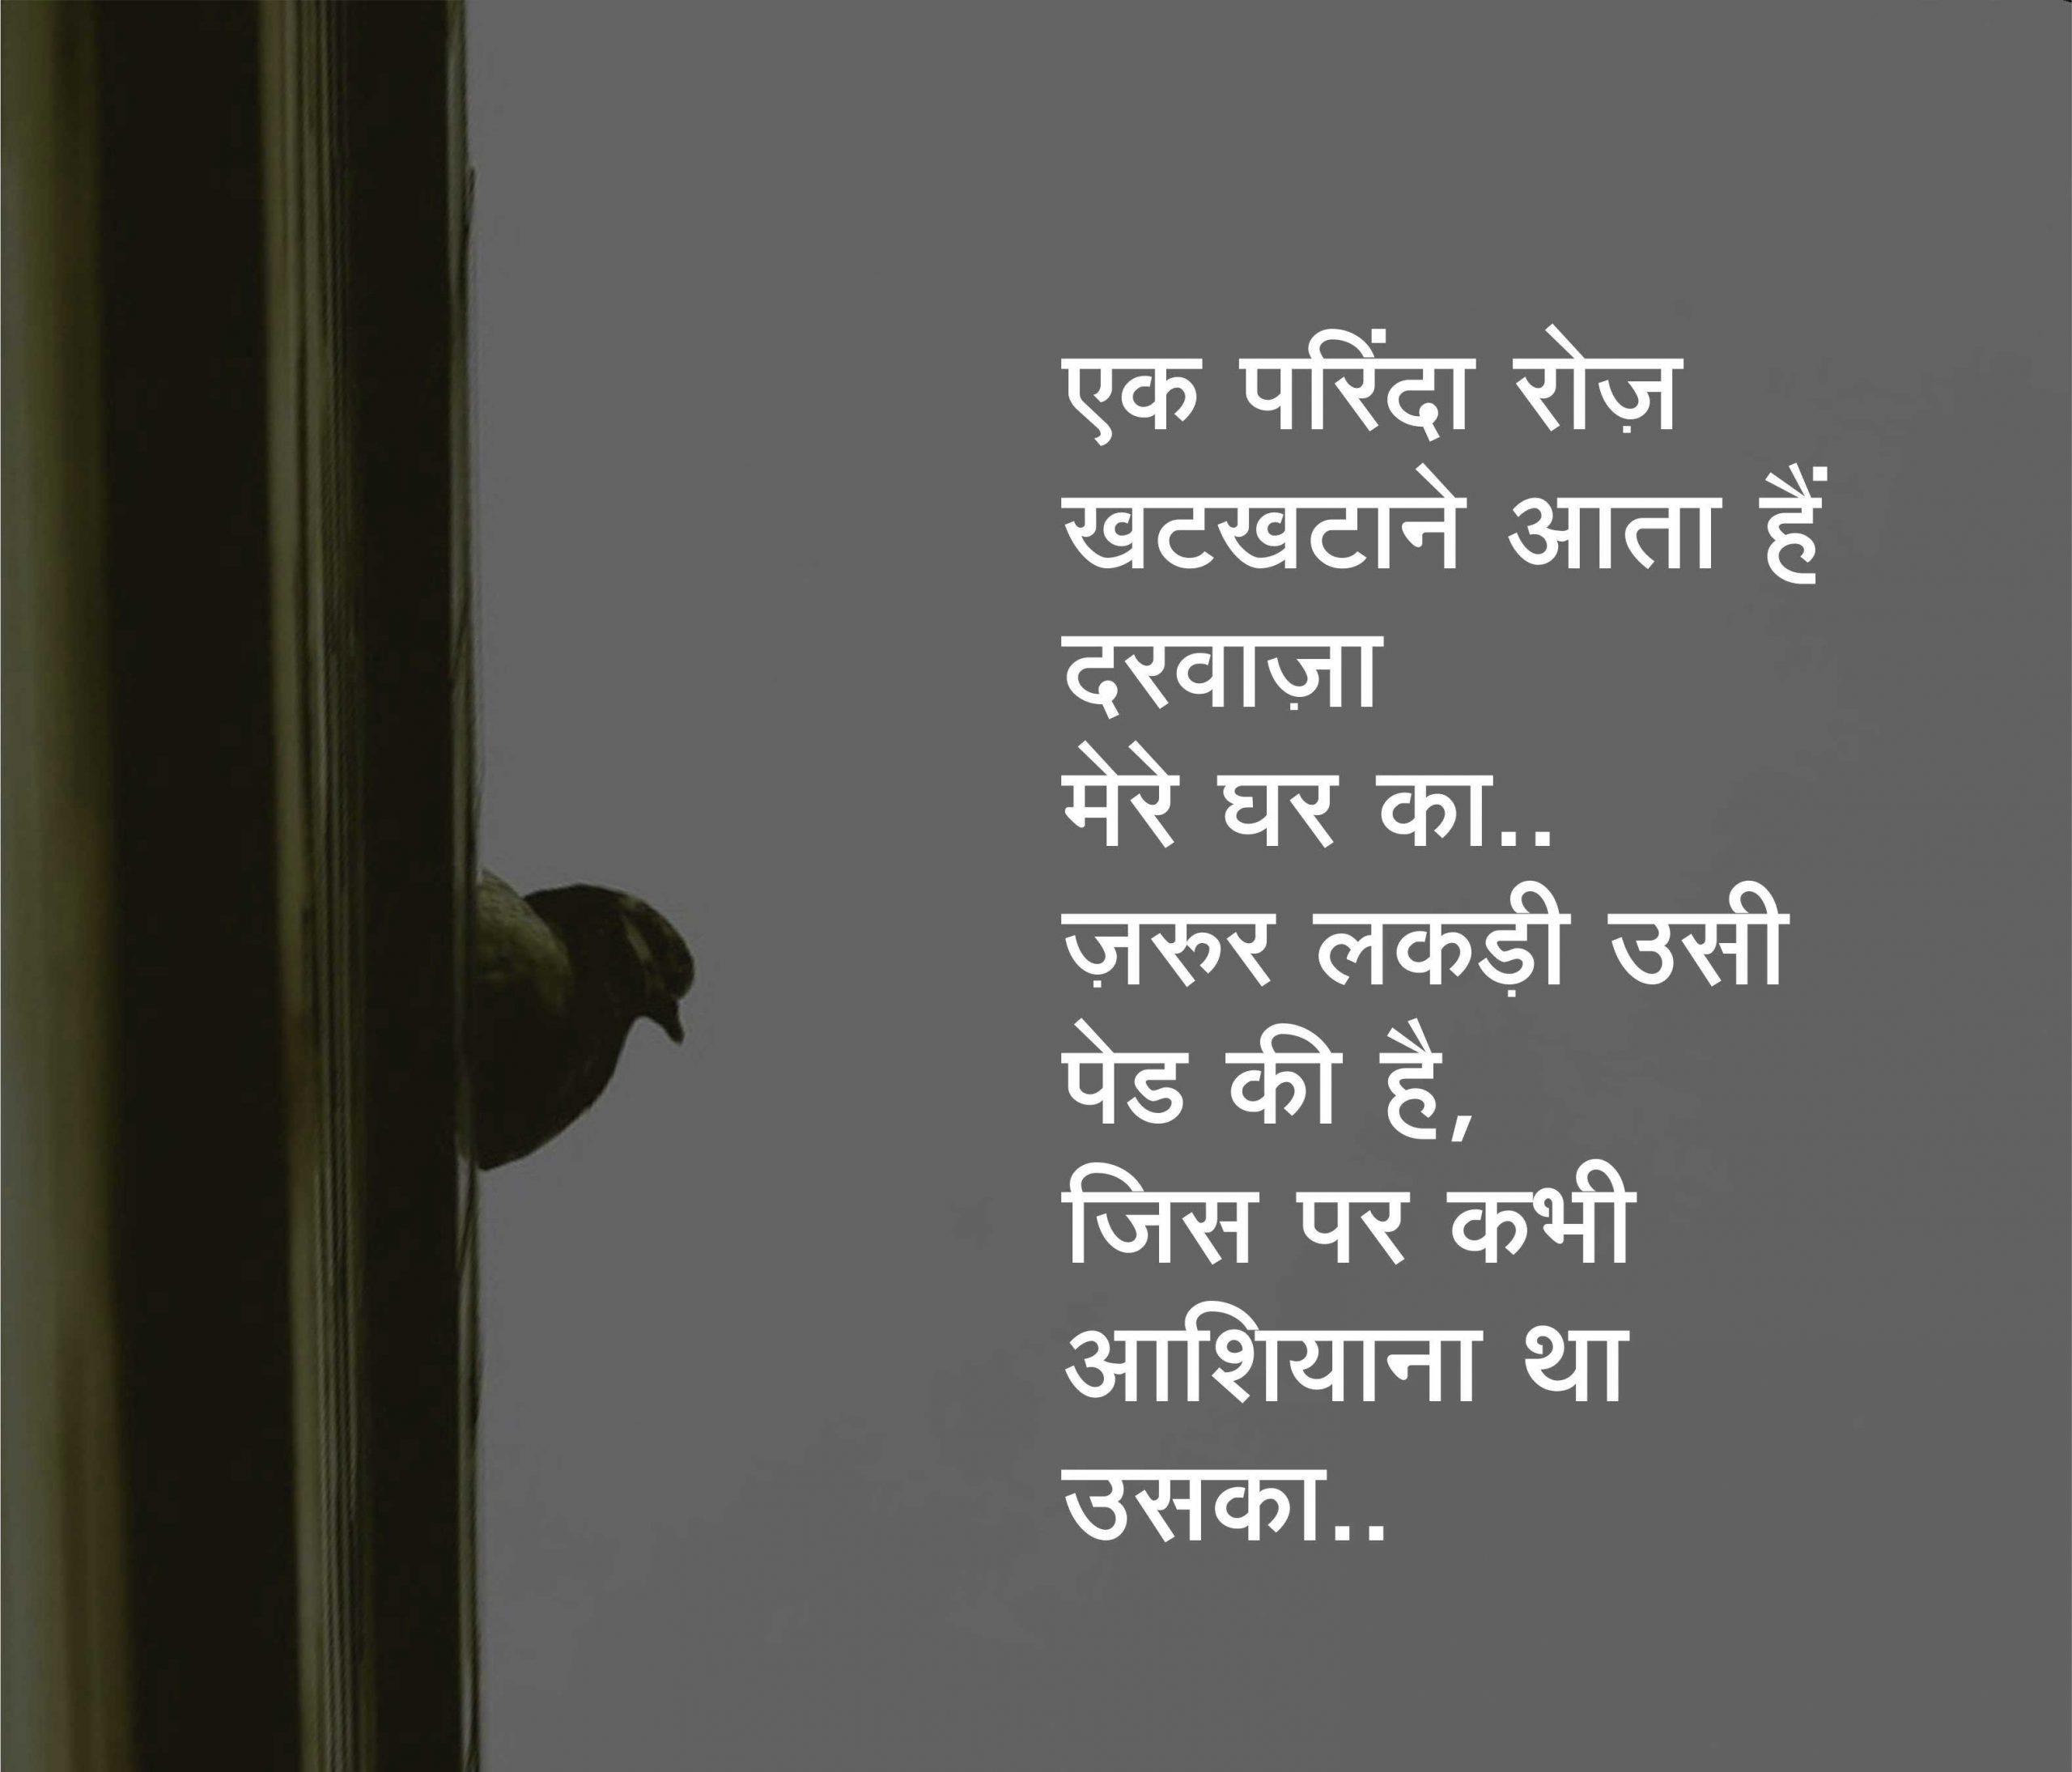 Hindi Quotes Whatsapp DP Images Photo